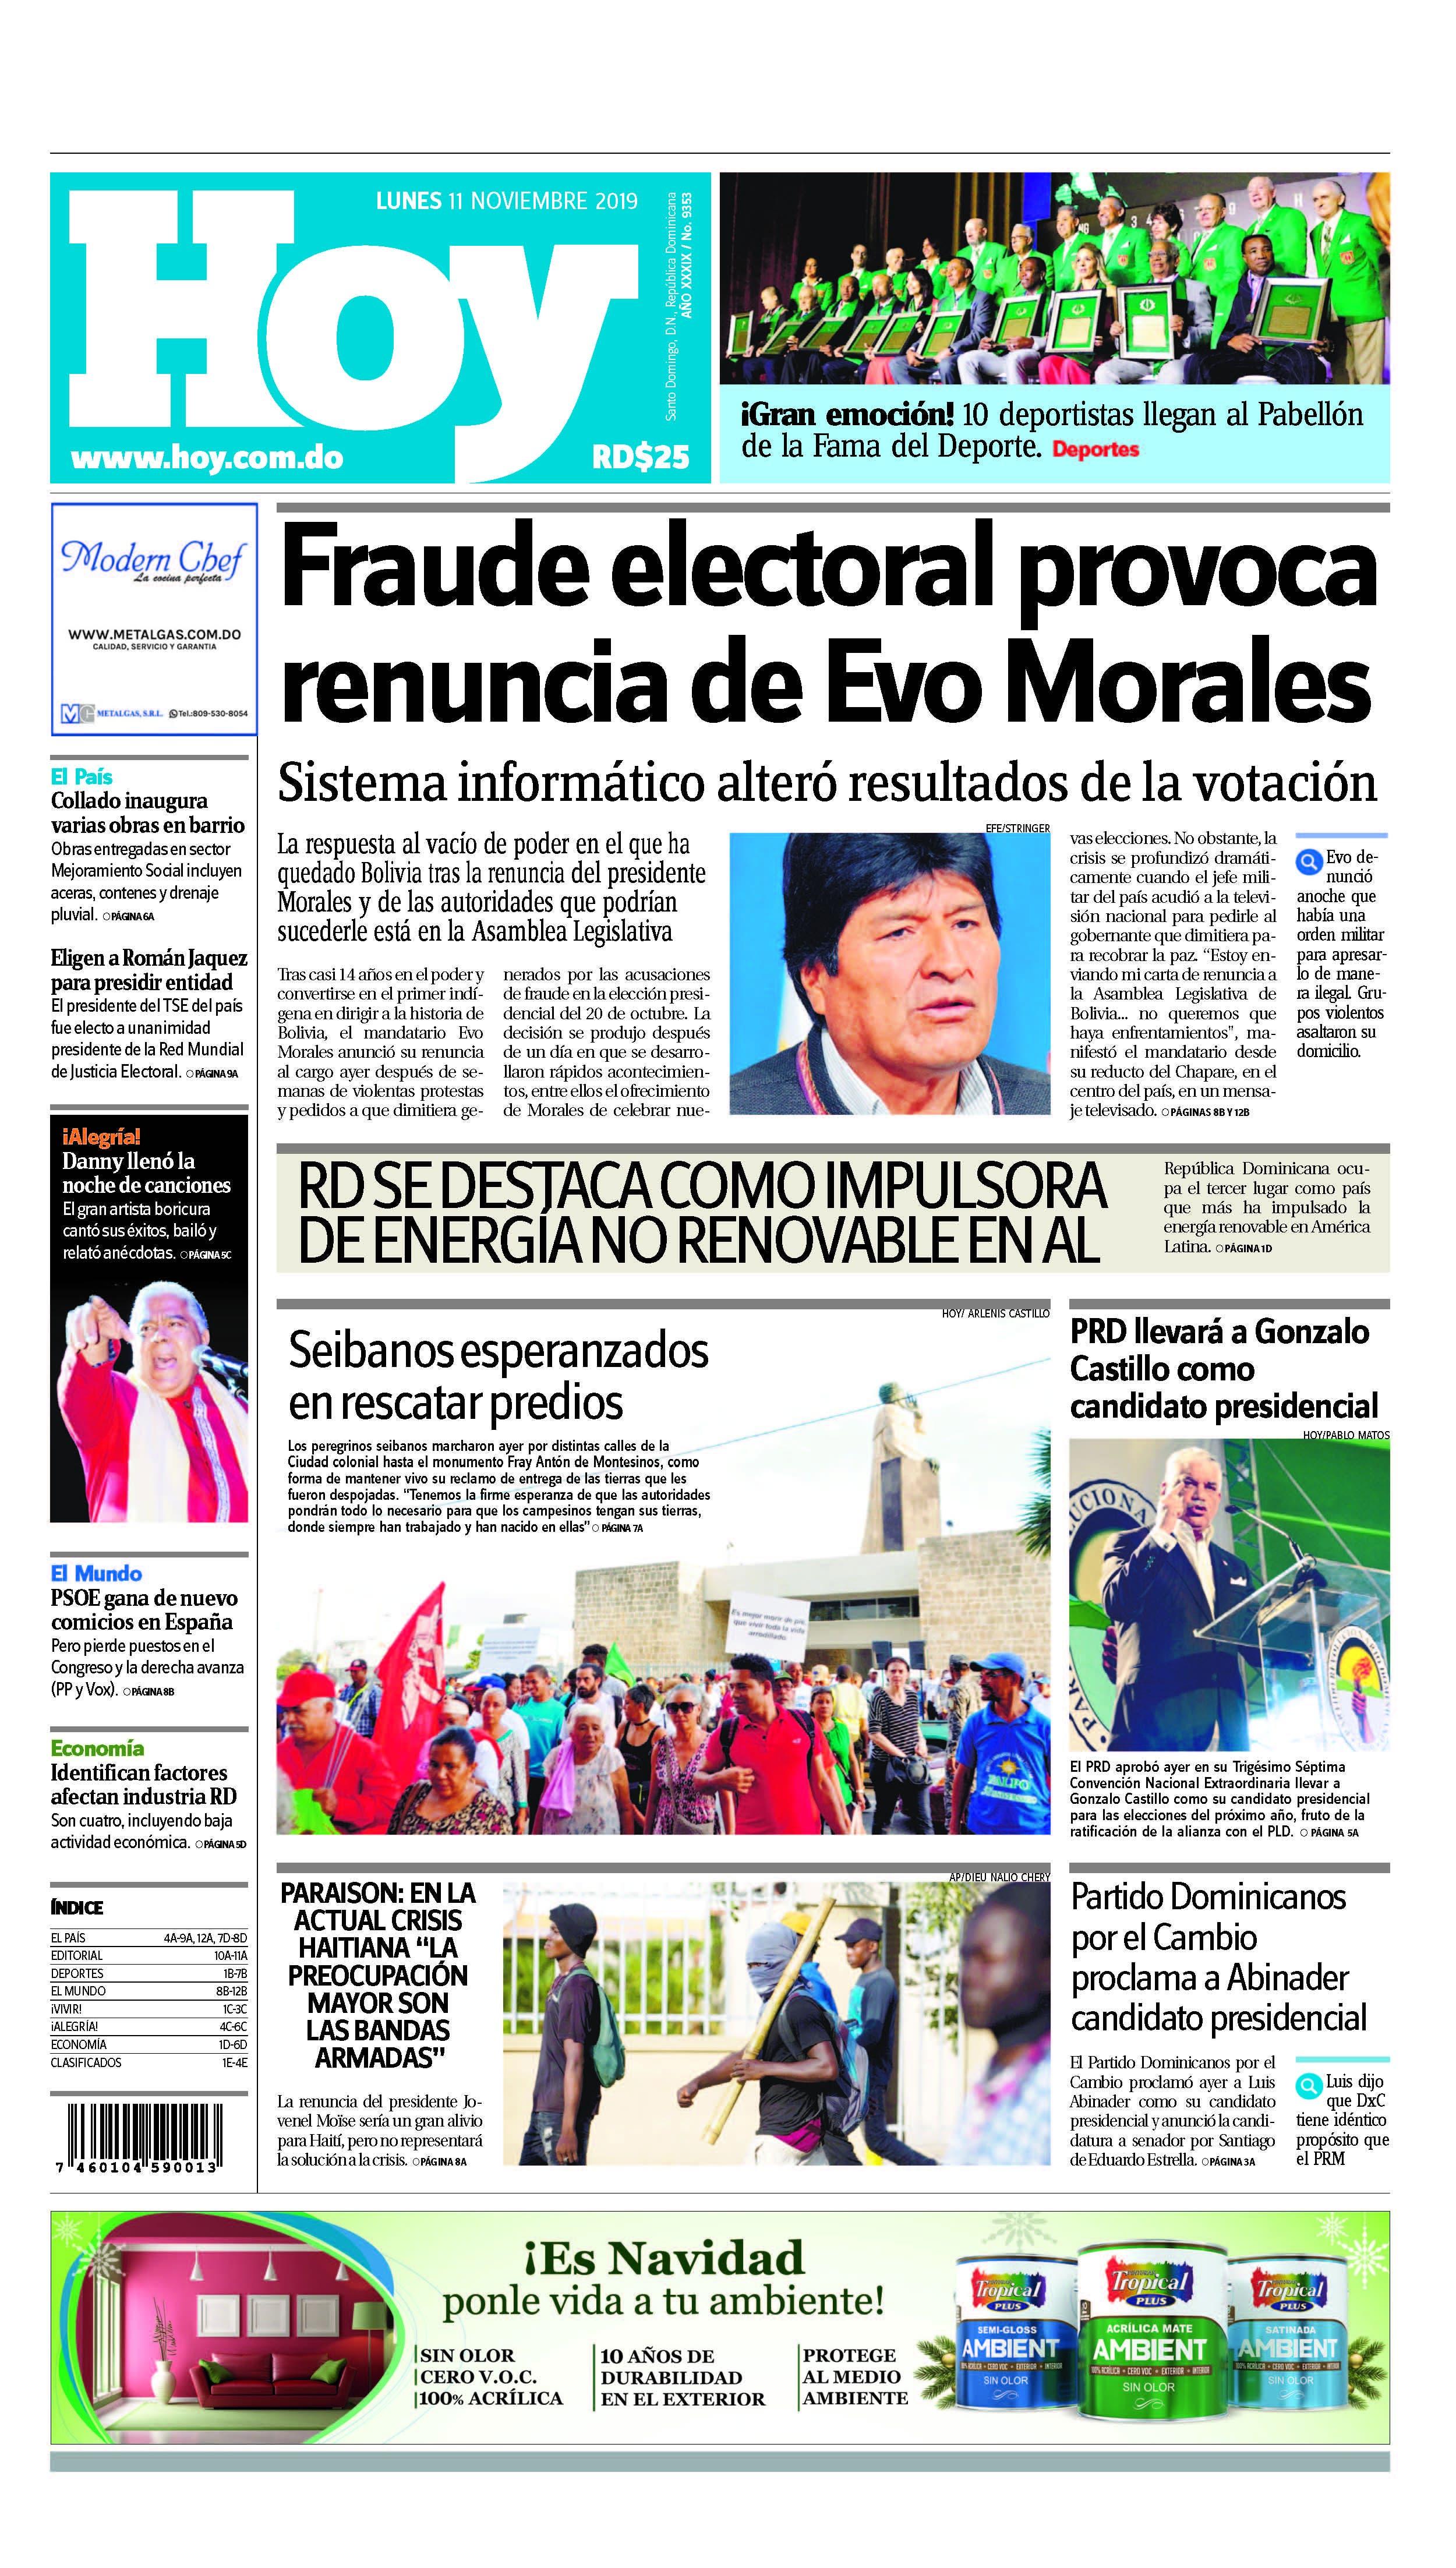 Pages from Edición impresa HOY lunes 11 de noviembre del 2019